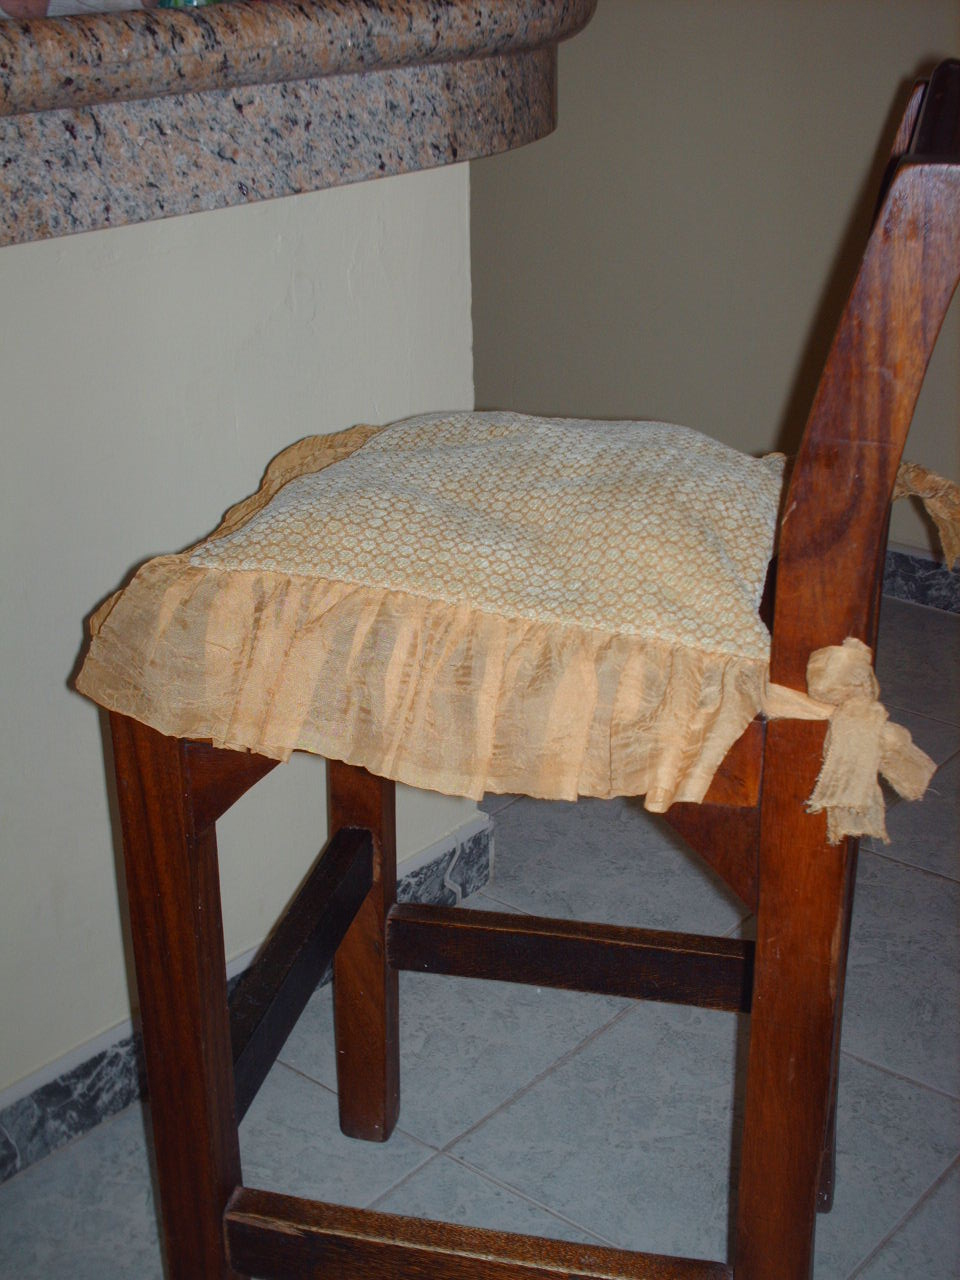 Novedades paola muestra de asientos o cojines para sillas de mi hogar - Hacer cojines para sillas ...